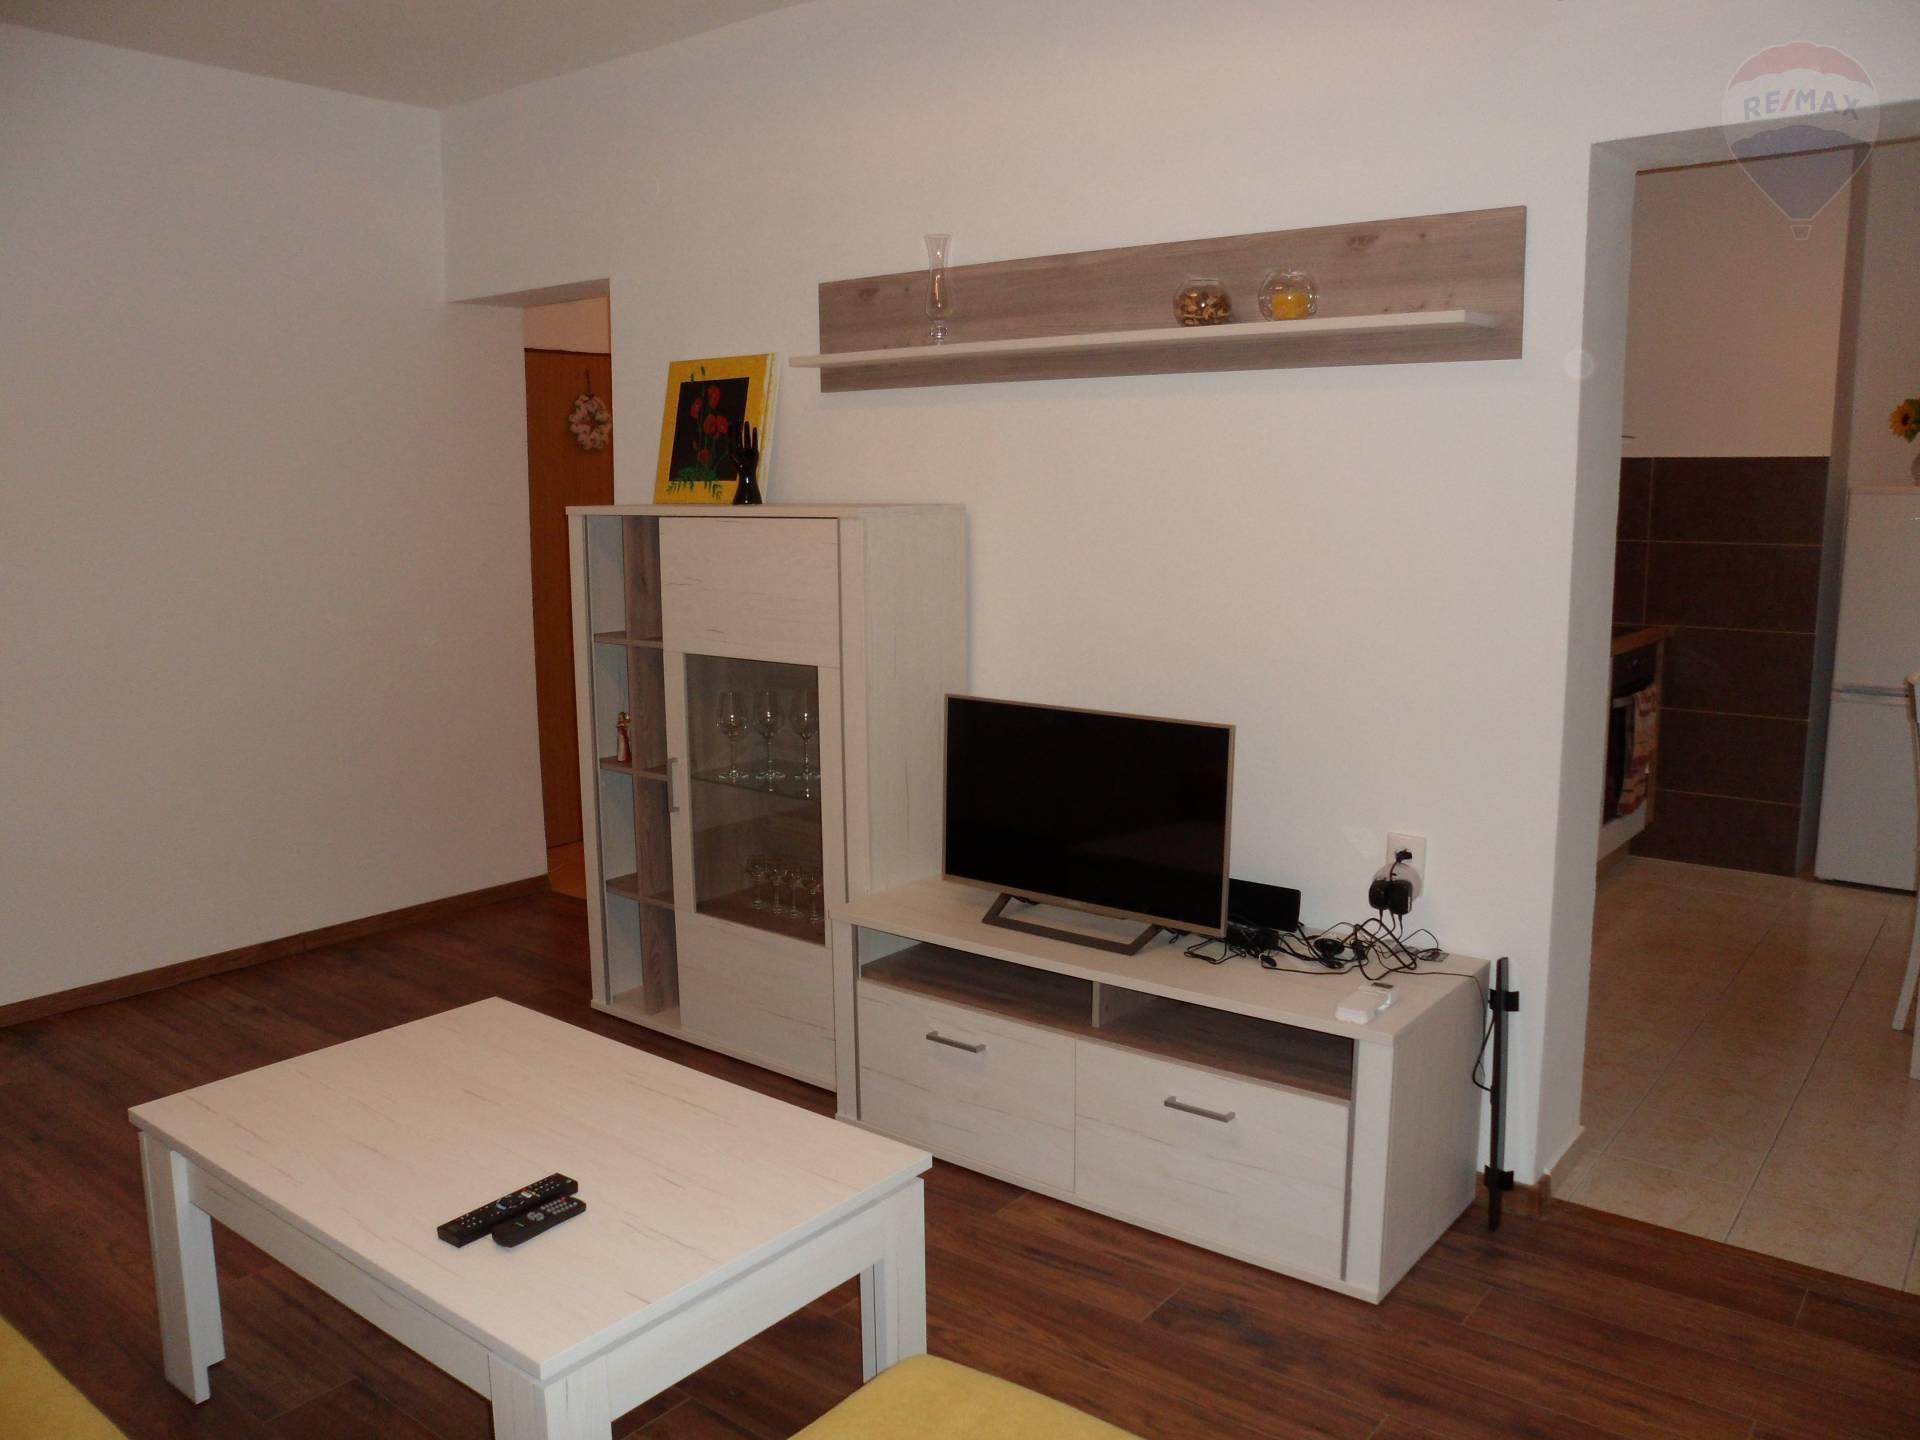 REZERVOVANÉ! Na prenájom zrekonštruovaný 2 izbový byt Nitra EXKLUZÍVNE